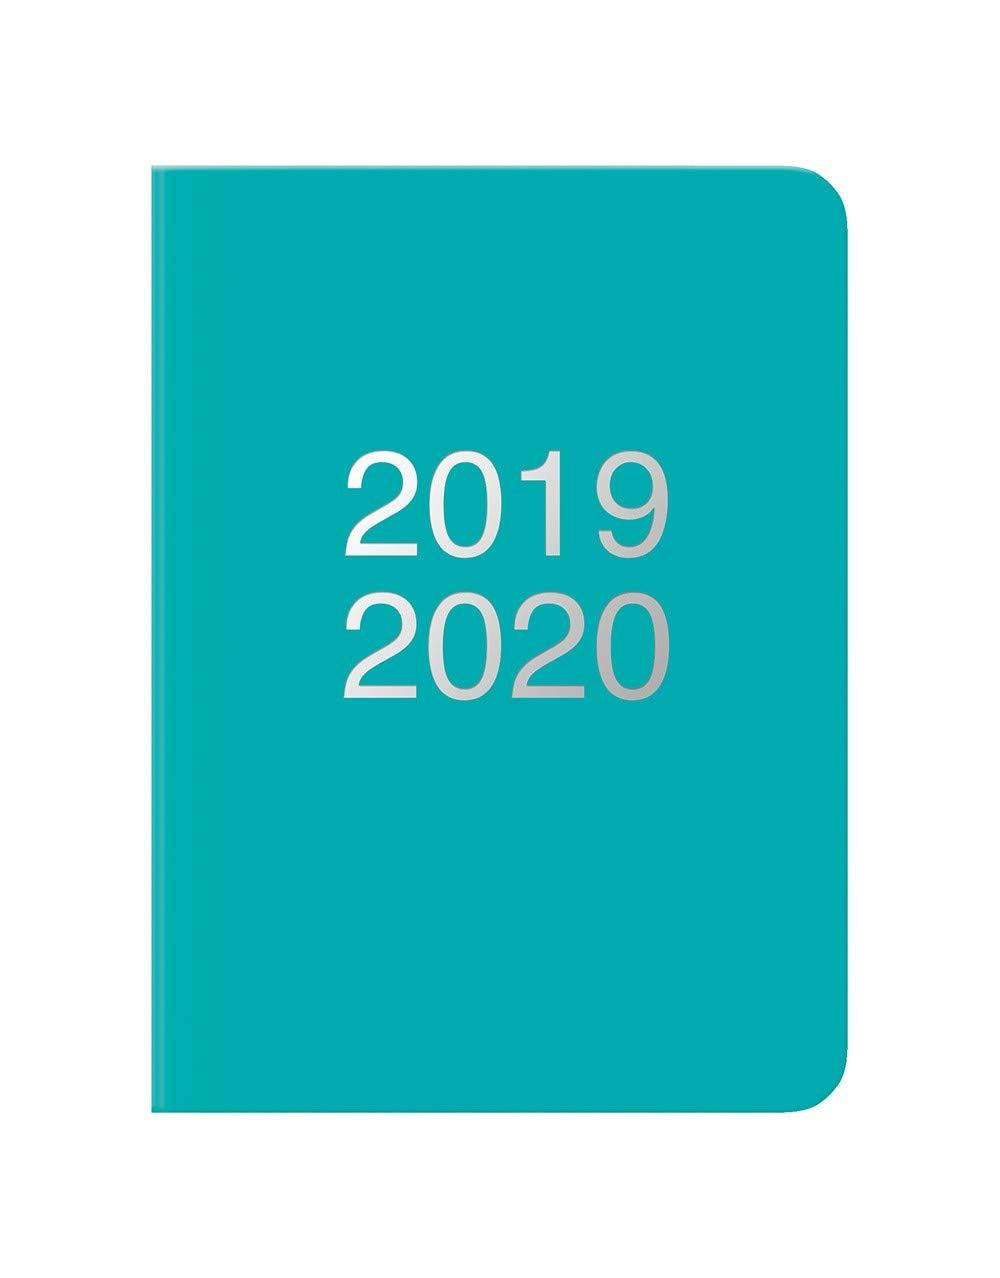 Letts 2019//2020 1 settimana su 2 pagine formato A5 Diario scolastico Dazzle colore: Turchese